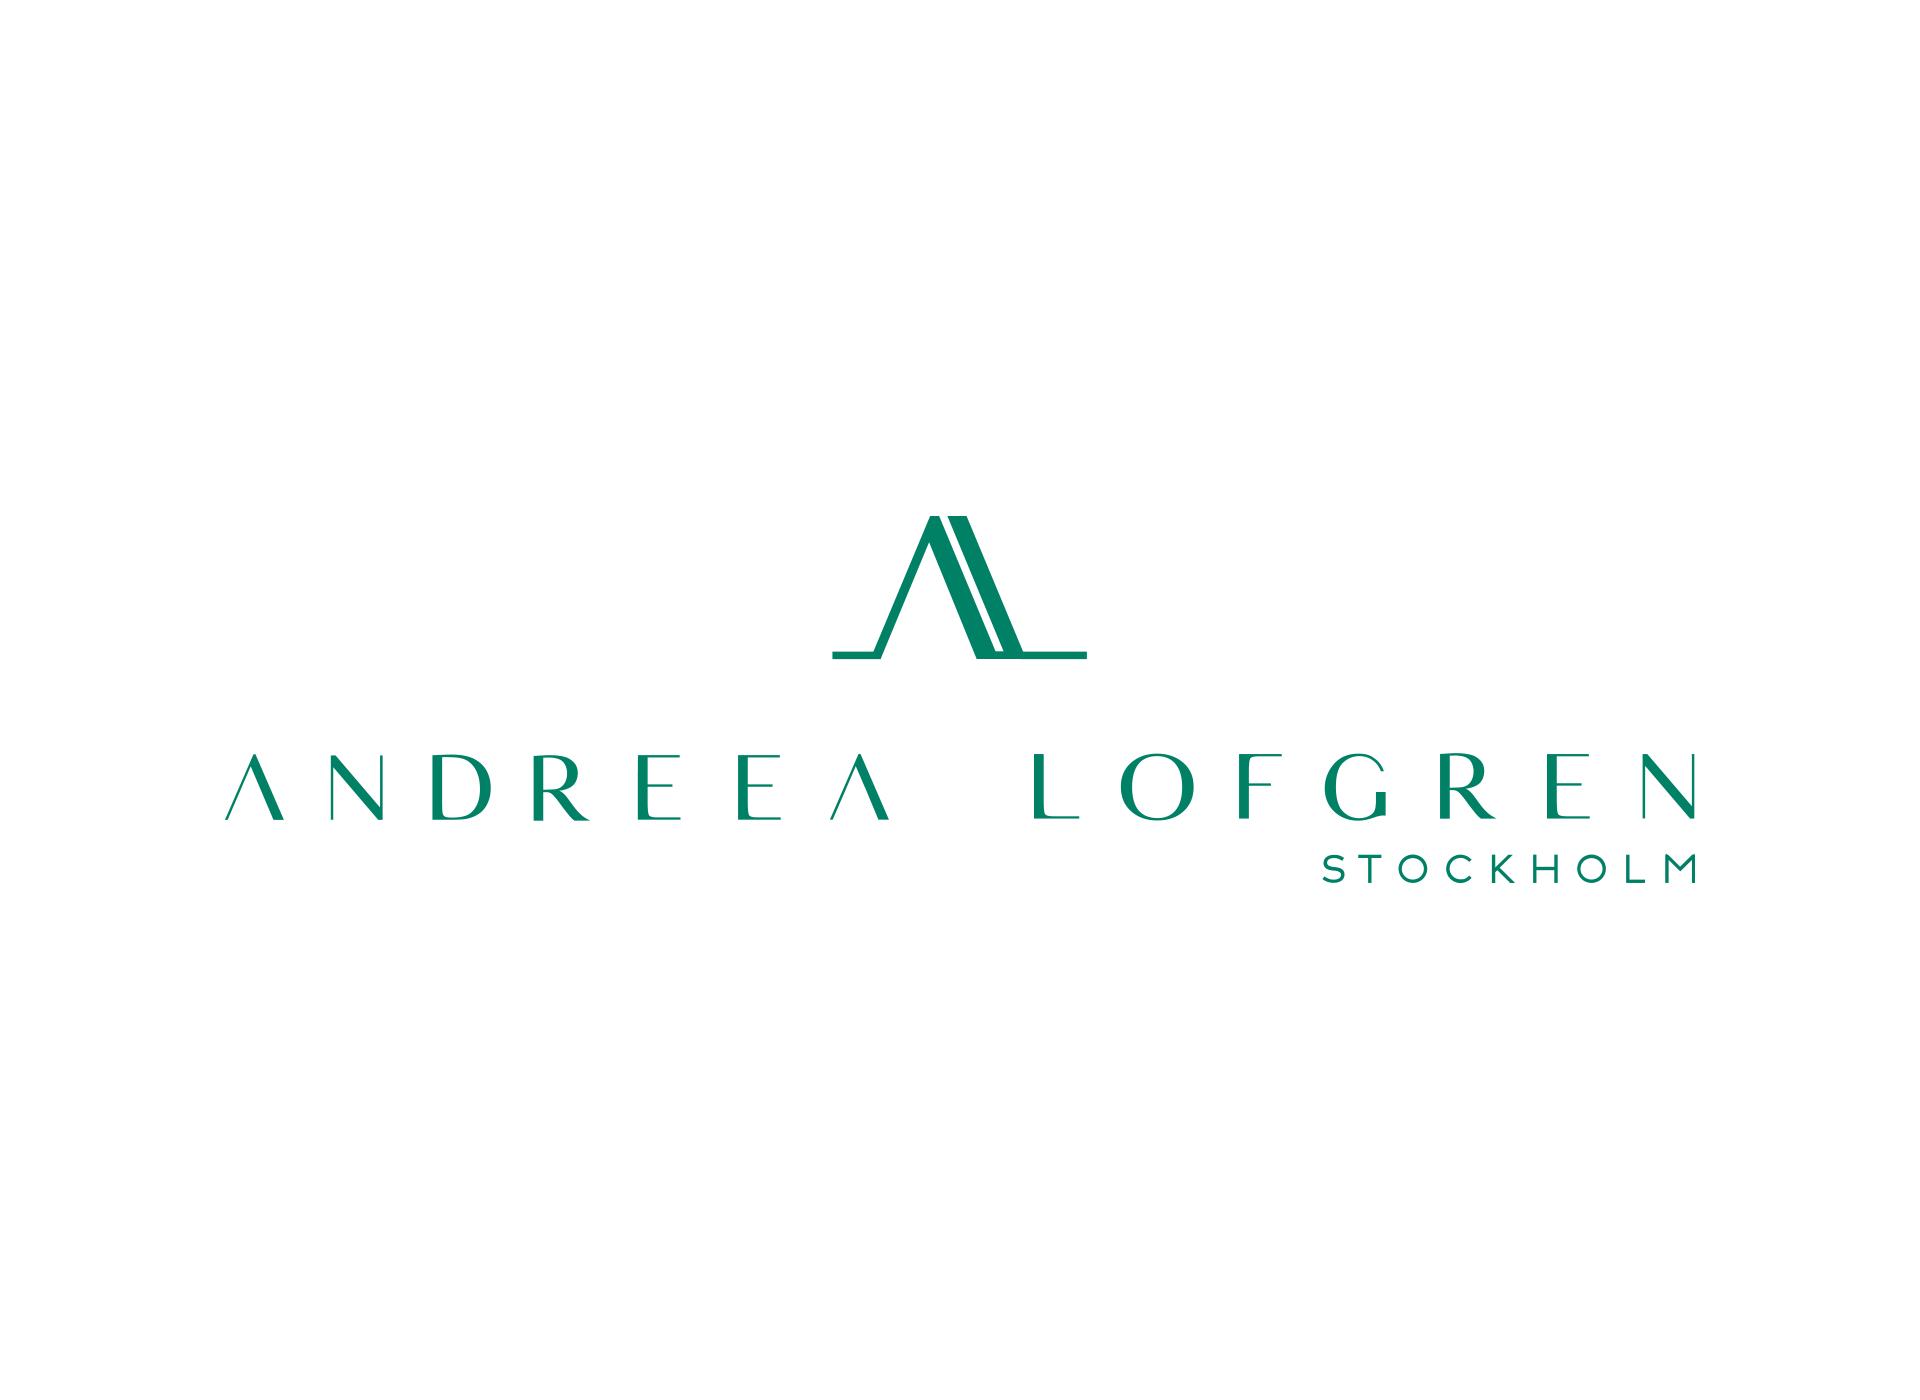 Andreea Lofgren portfolio inoveo logo